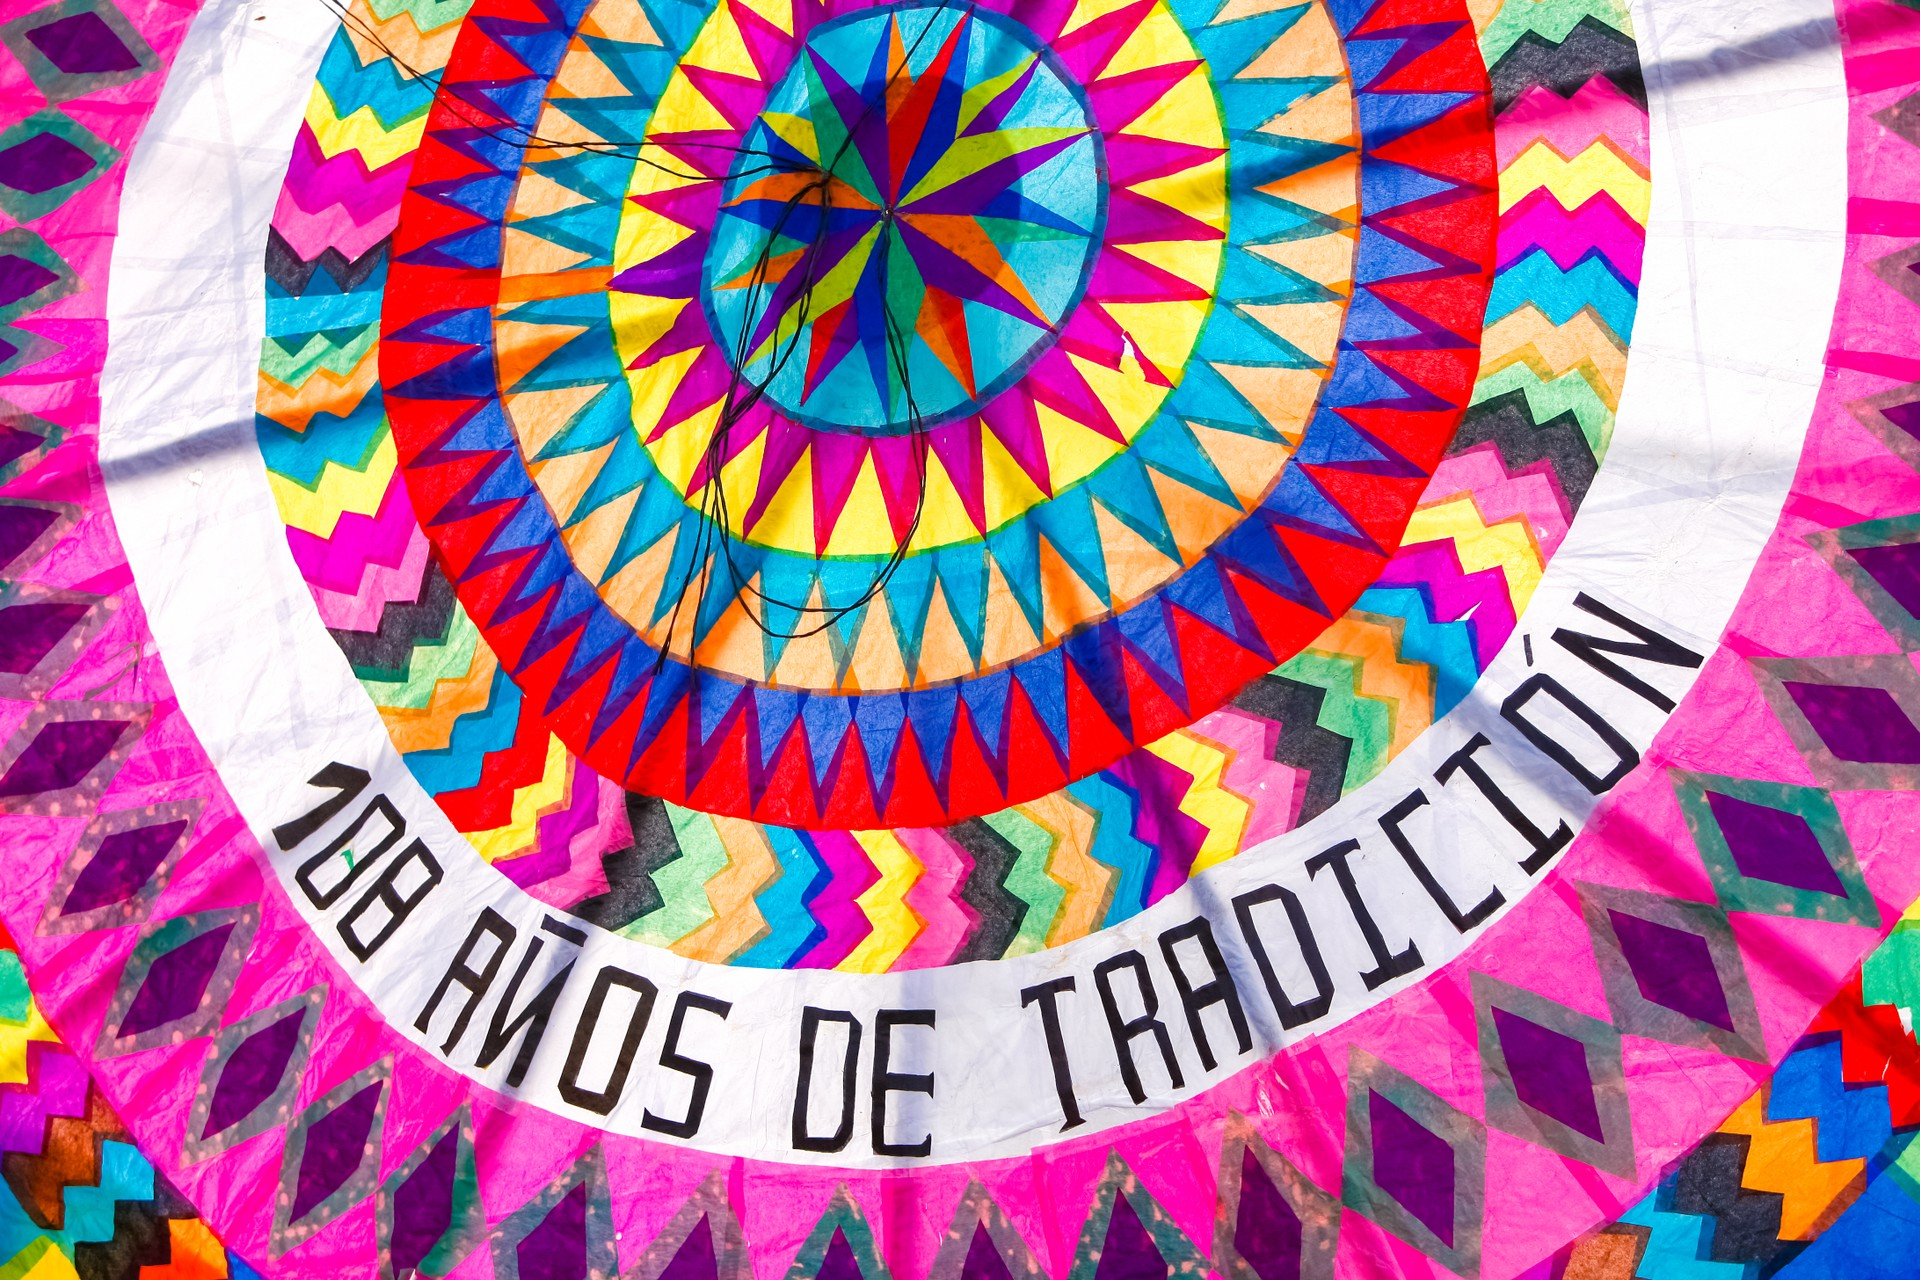 Giant kite in the Festival de Barriletes